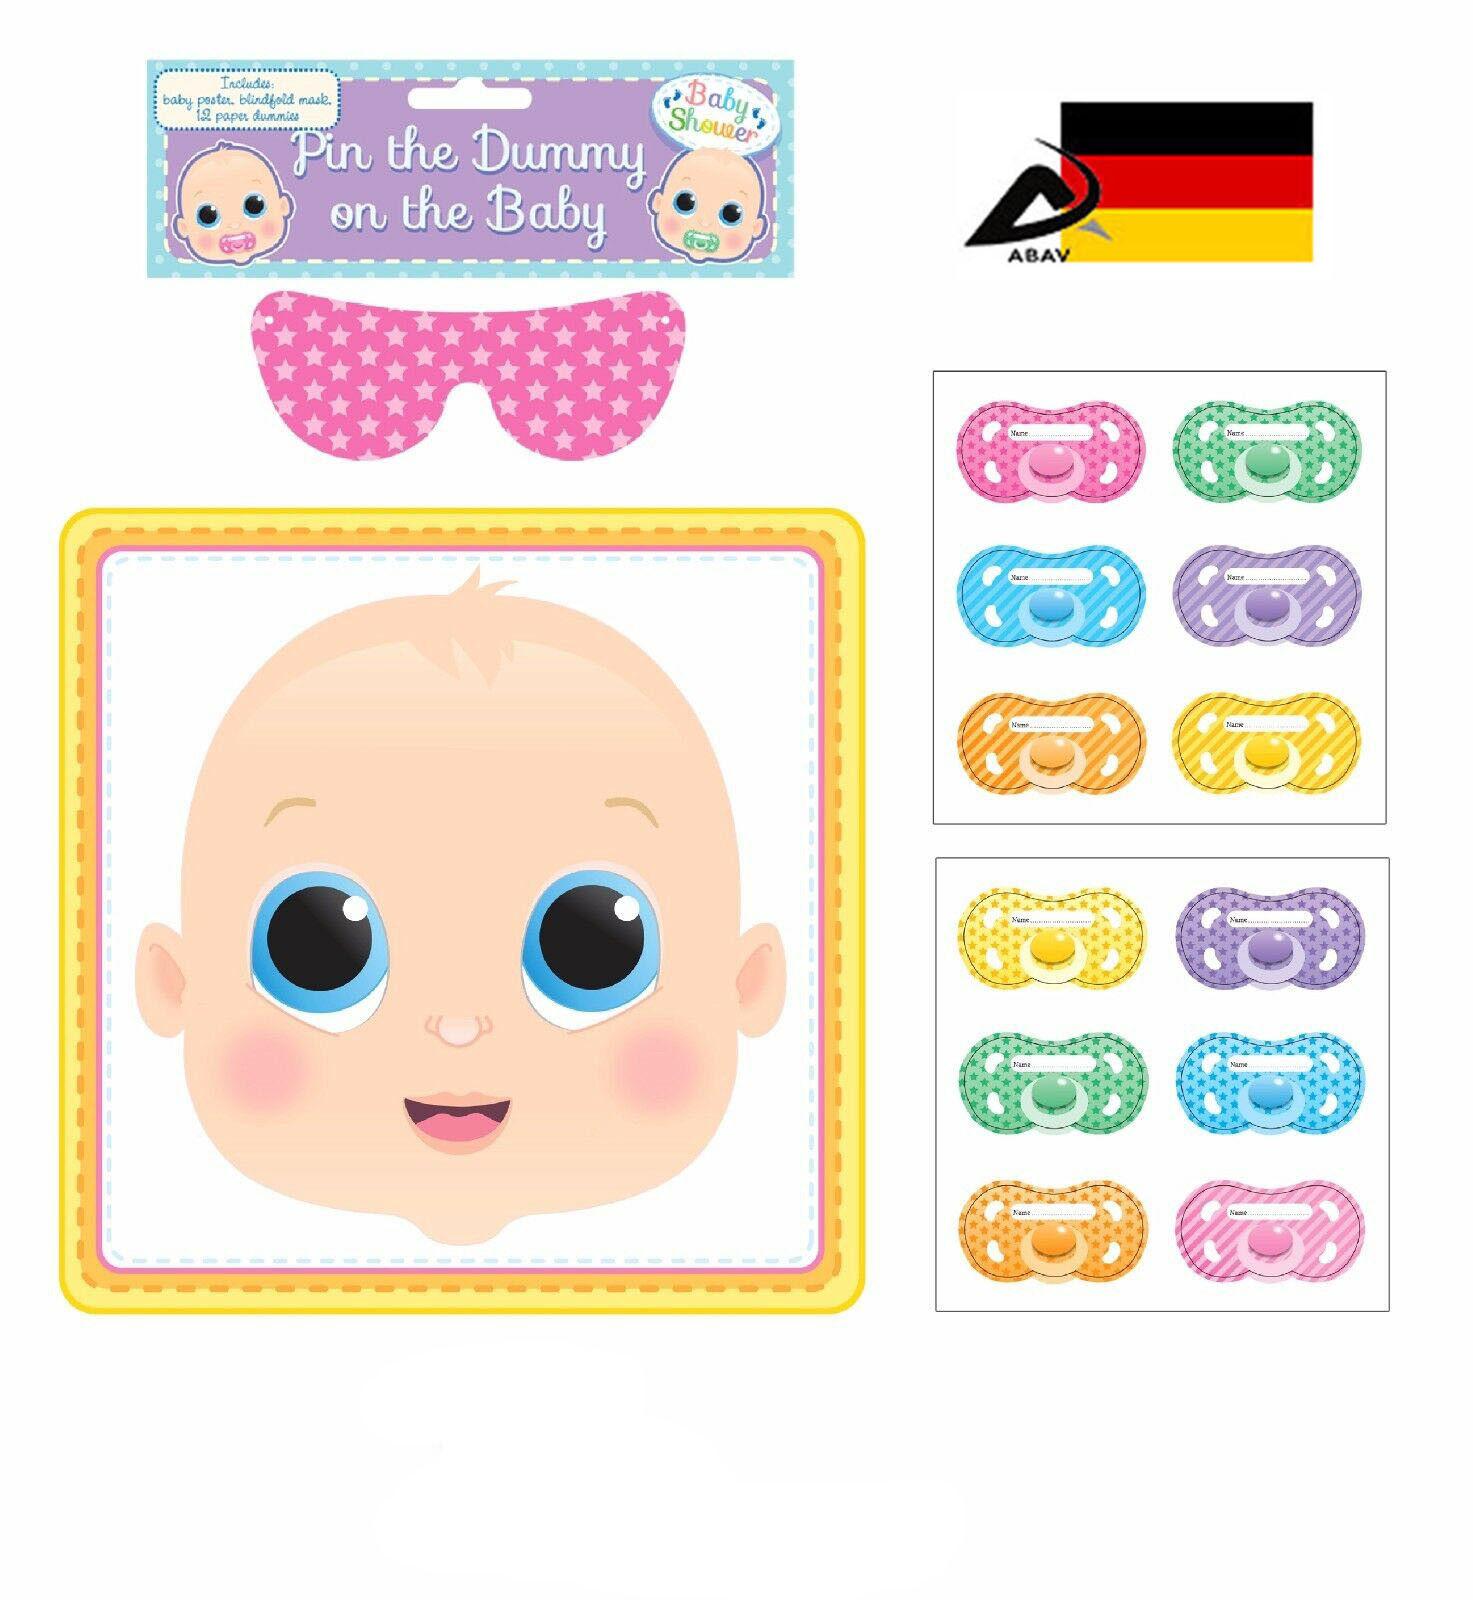 Gib dem Baby den Schnuller Party Spiel Kinder Spiel Baby Party Shower Poster